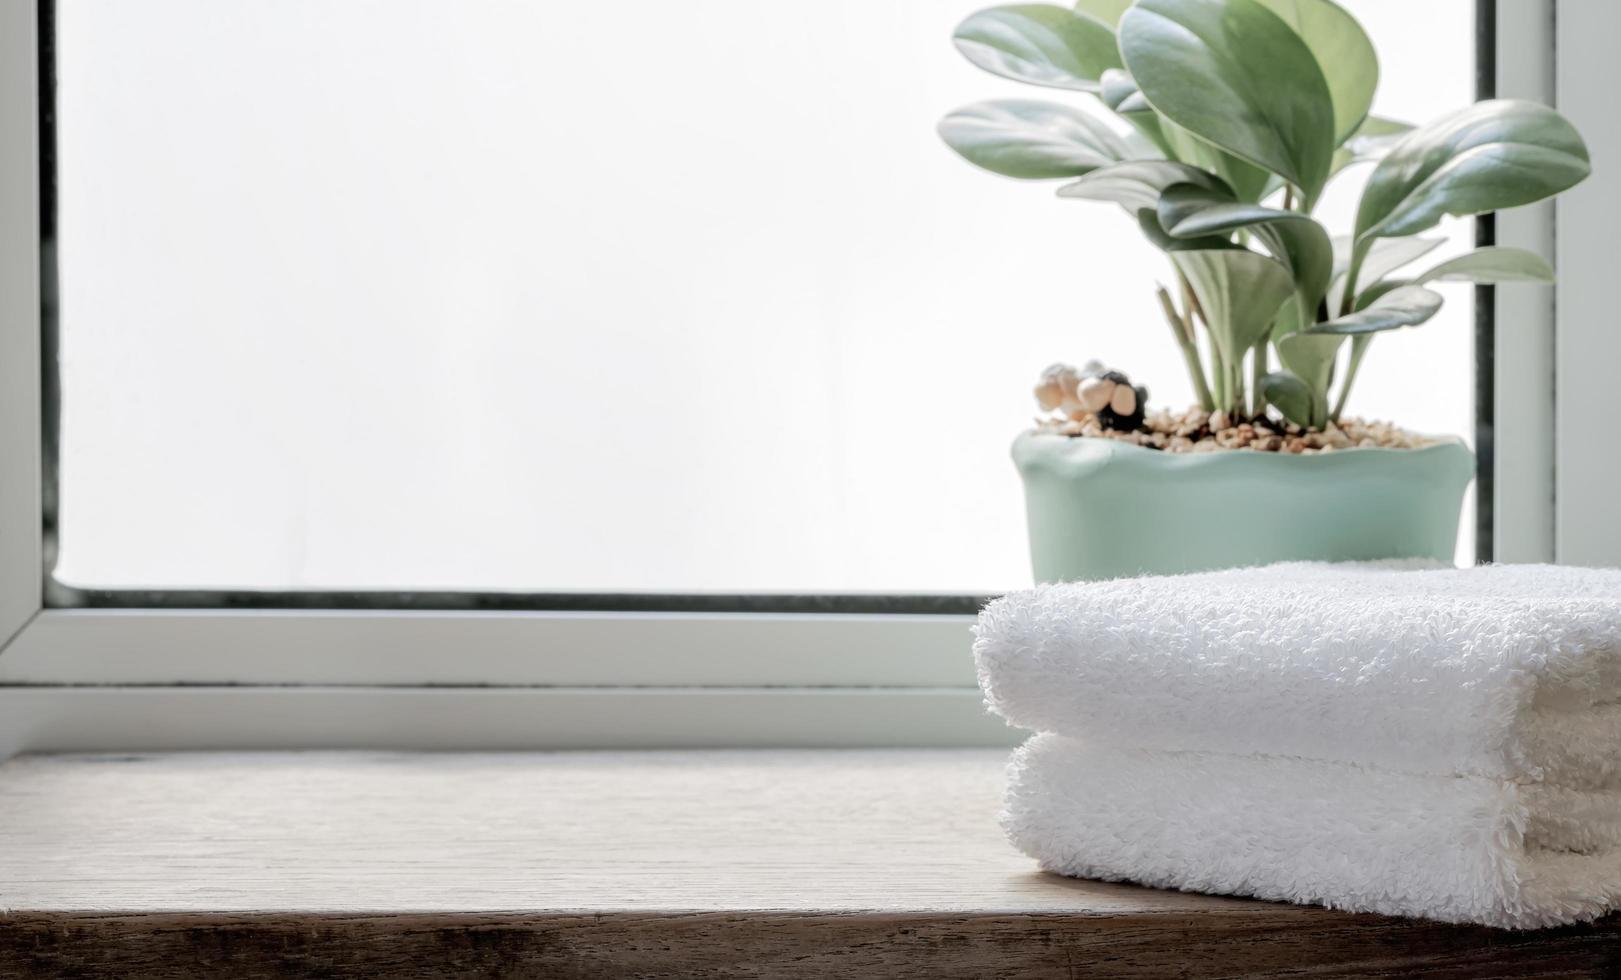 Serviettes propres pliées avec plante d'intérieur sur table en bois photo